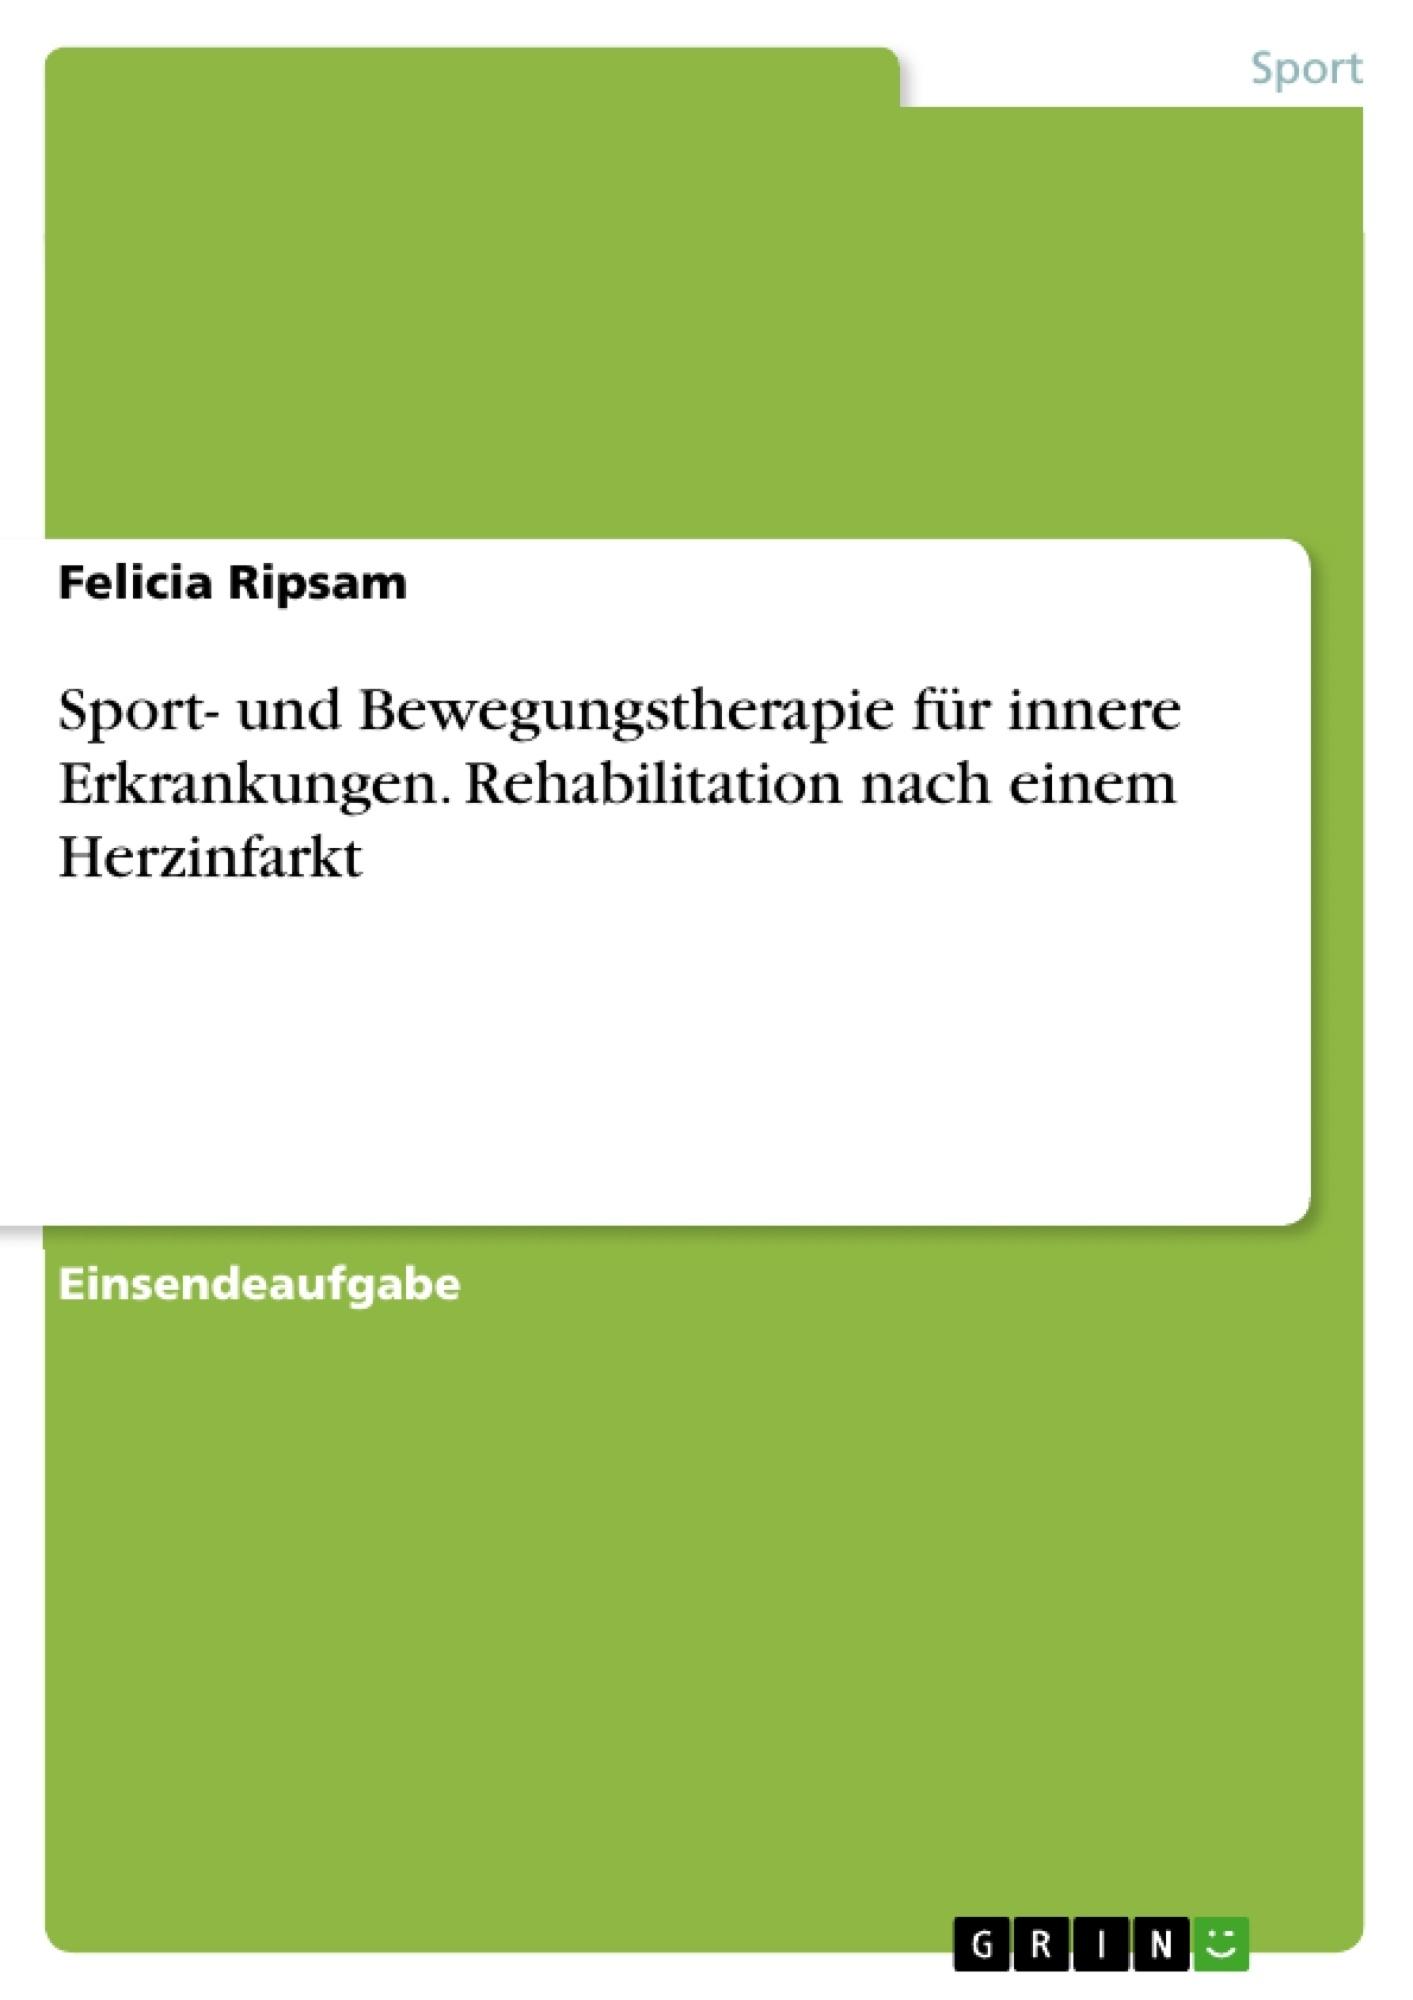 Titel: Sport- und Bewegungstherapie für innere Erkrankungen. Rehabilitation nach einem Herzinfarkt